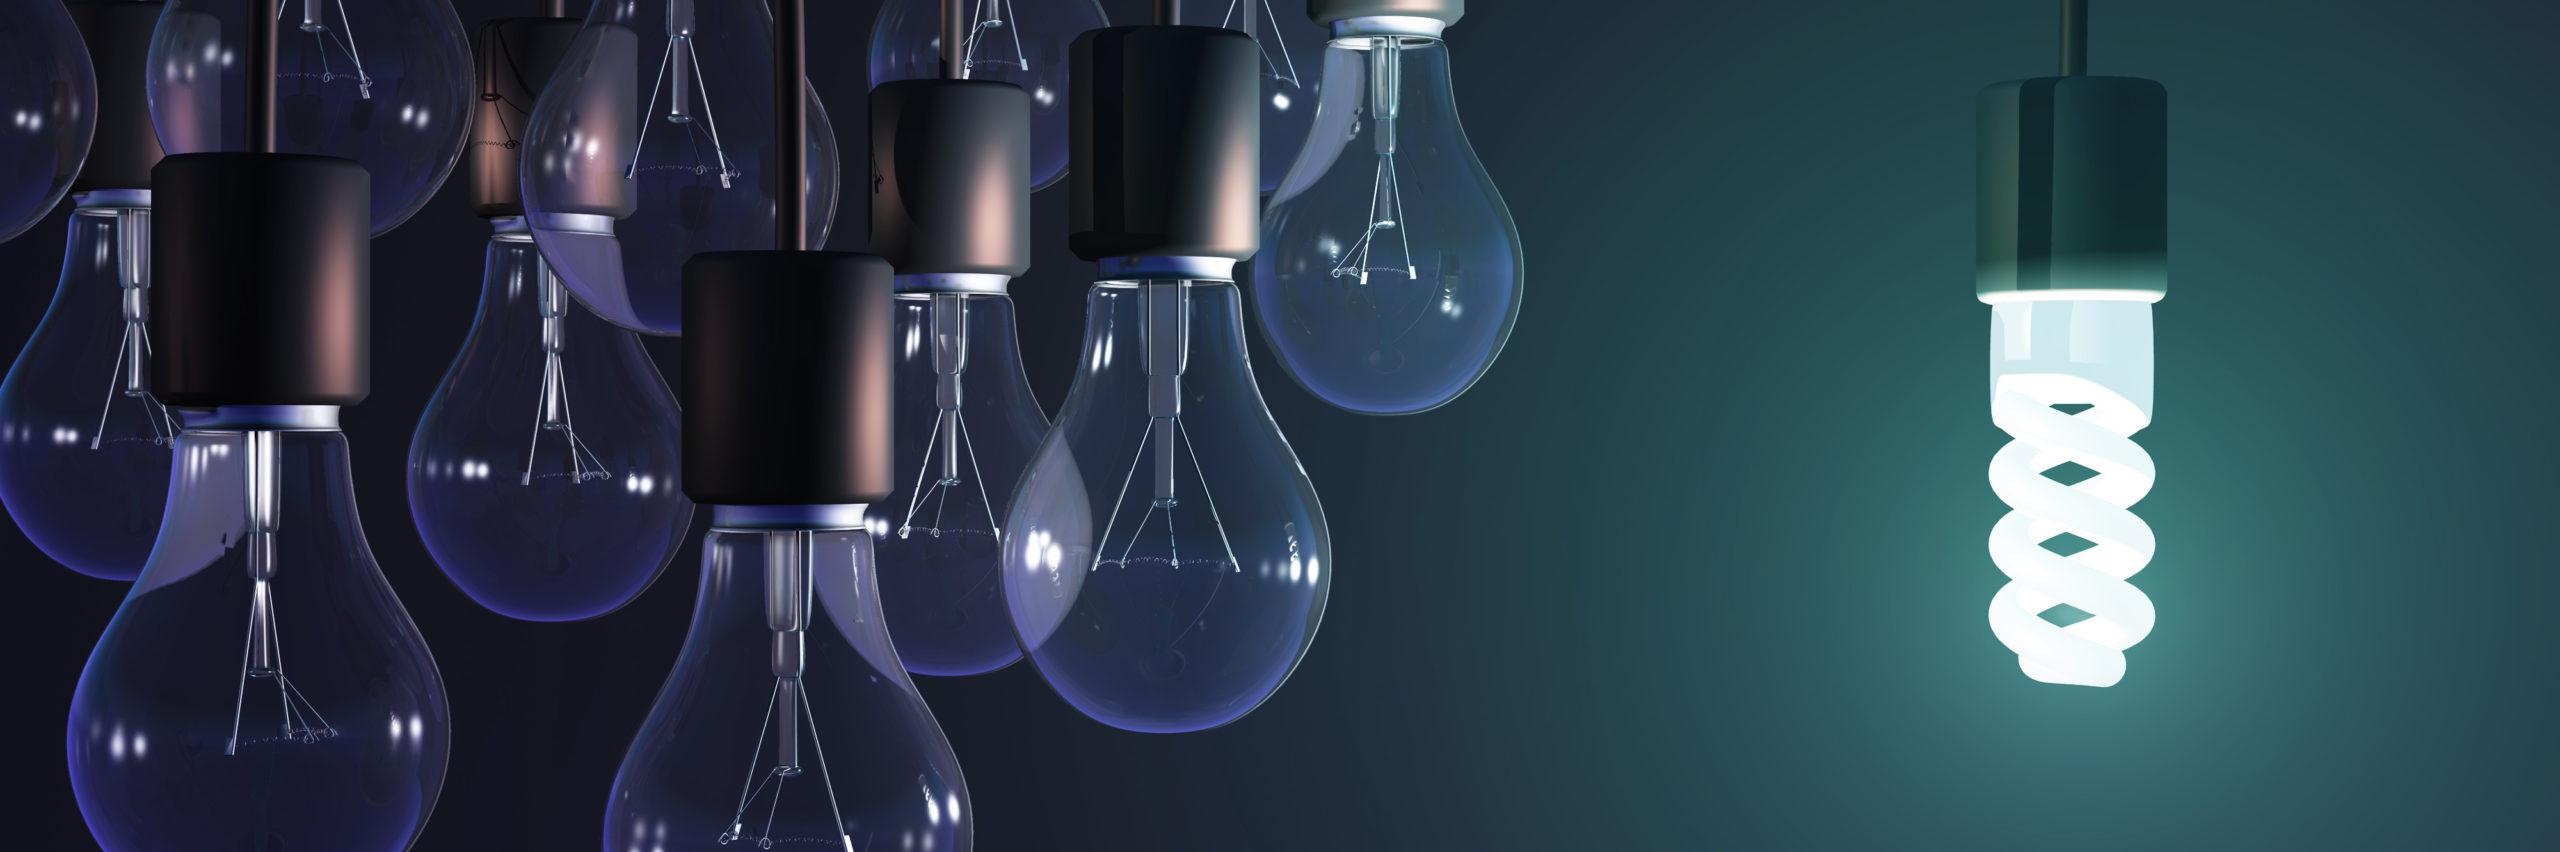 energy-saving lamp among the gray bulb - Illustration